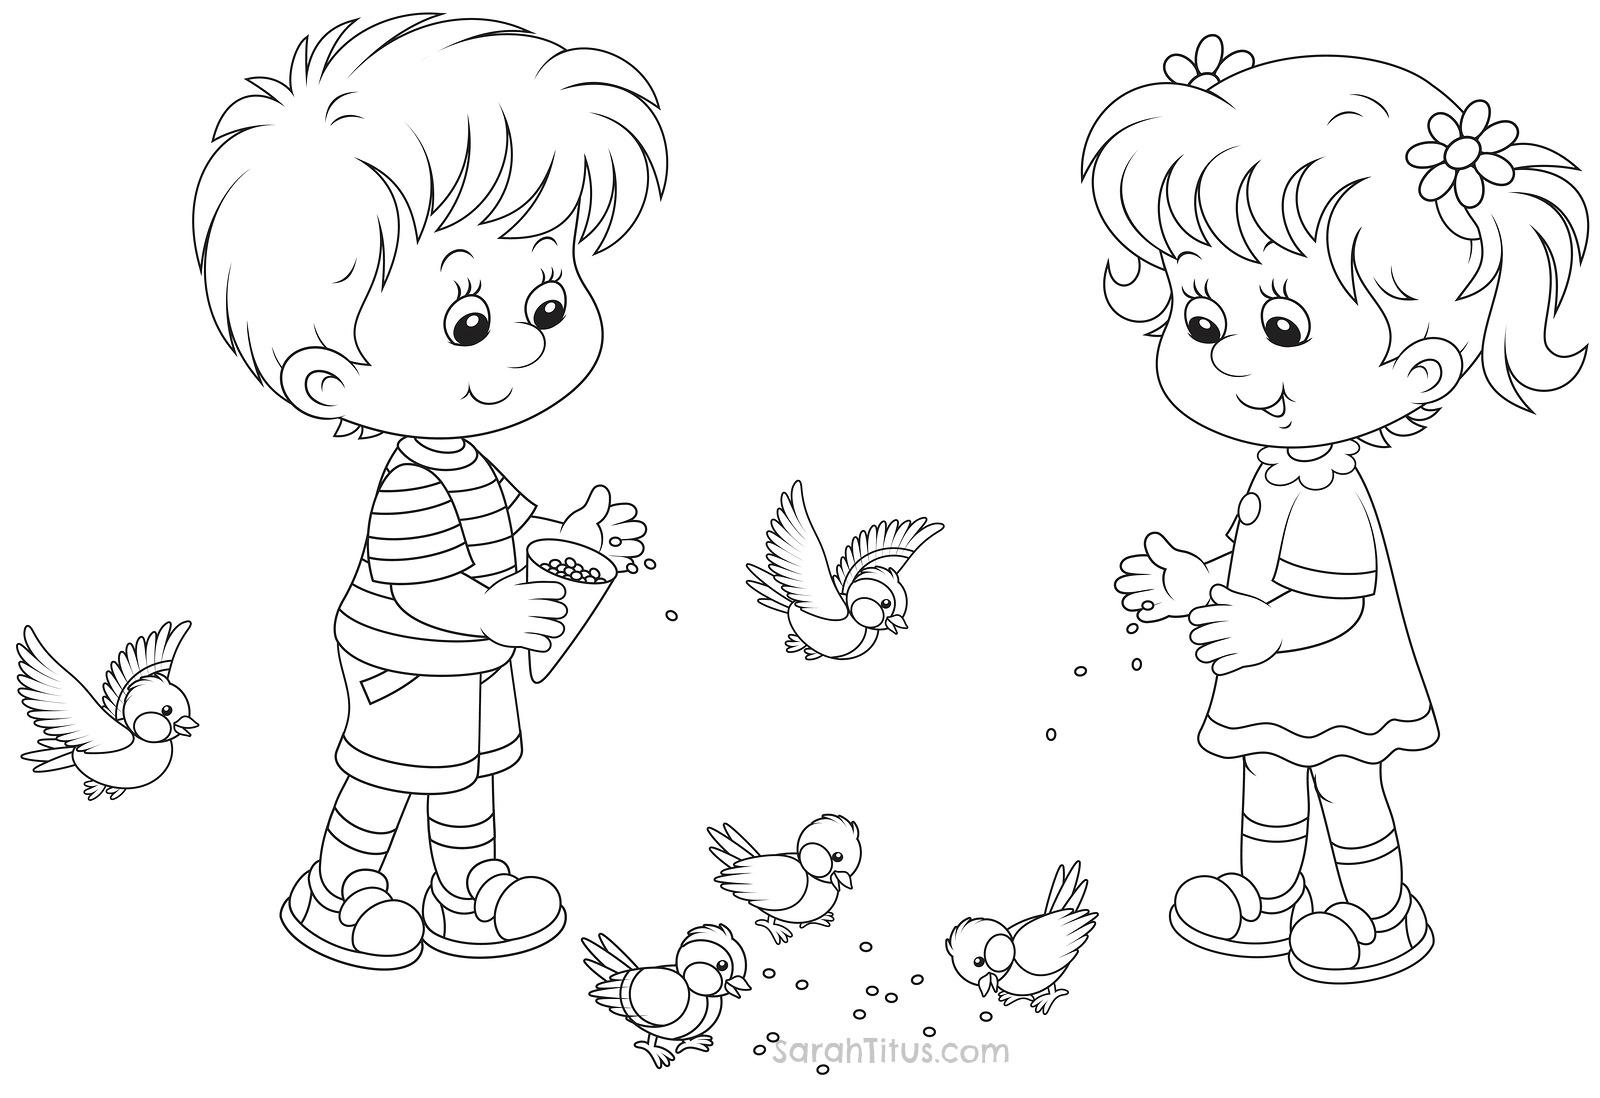 Раскраска мальчик для детей